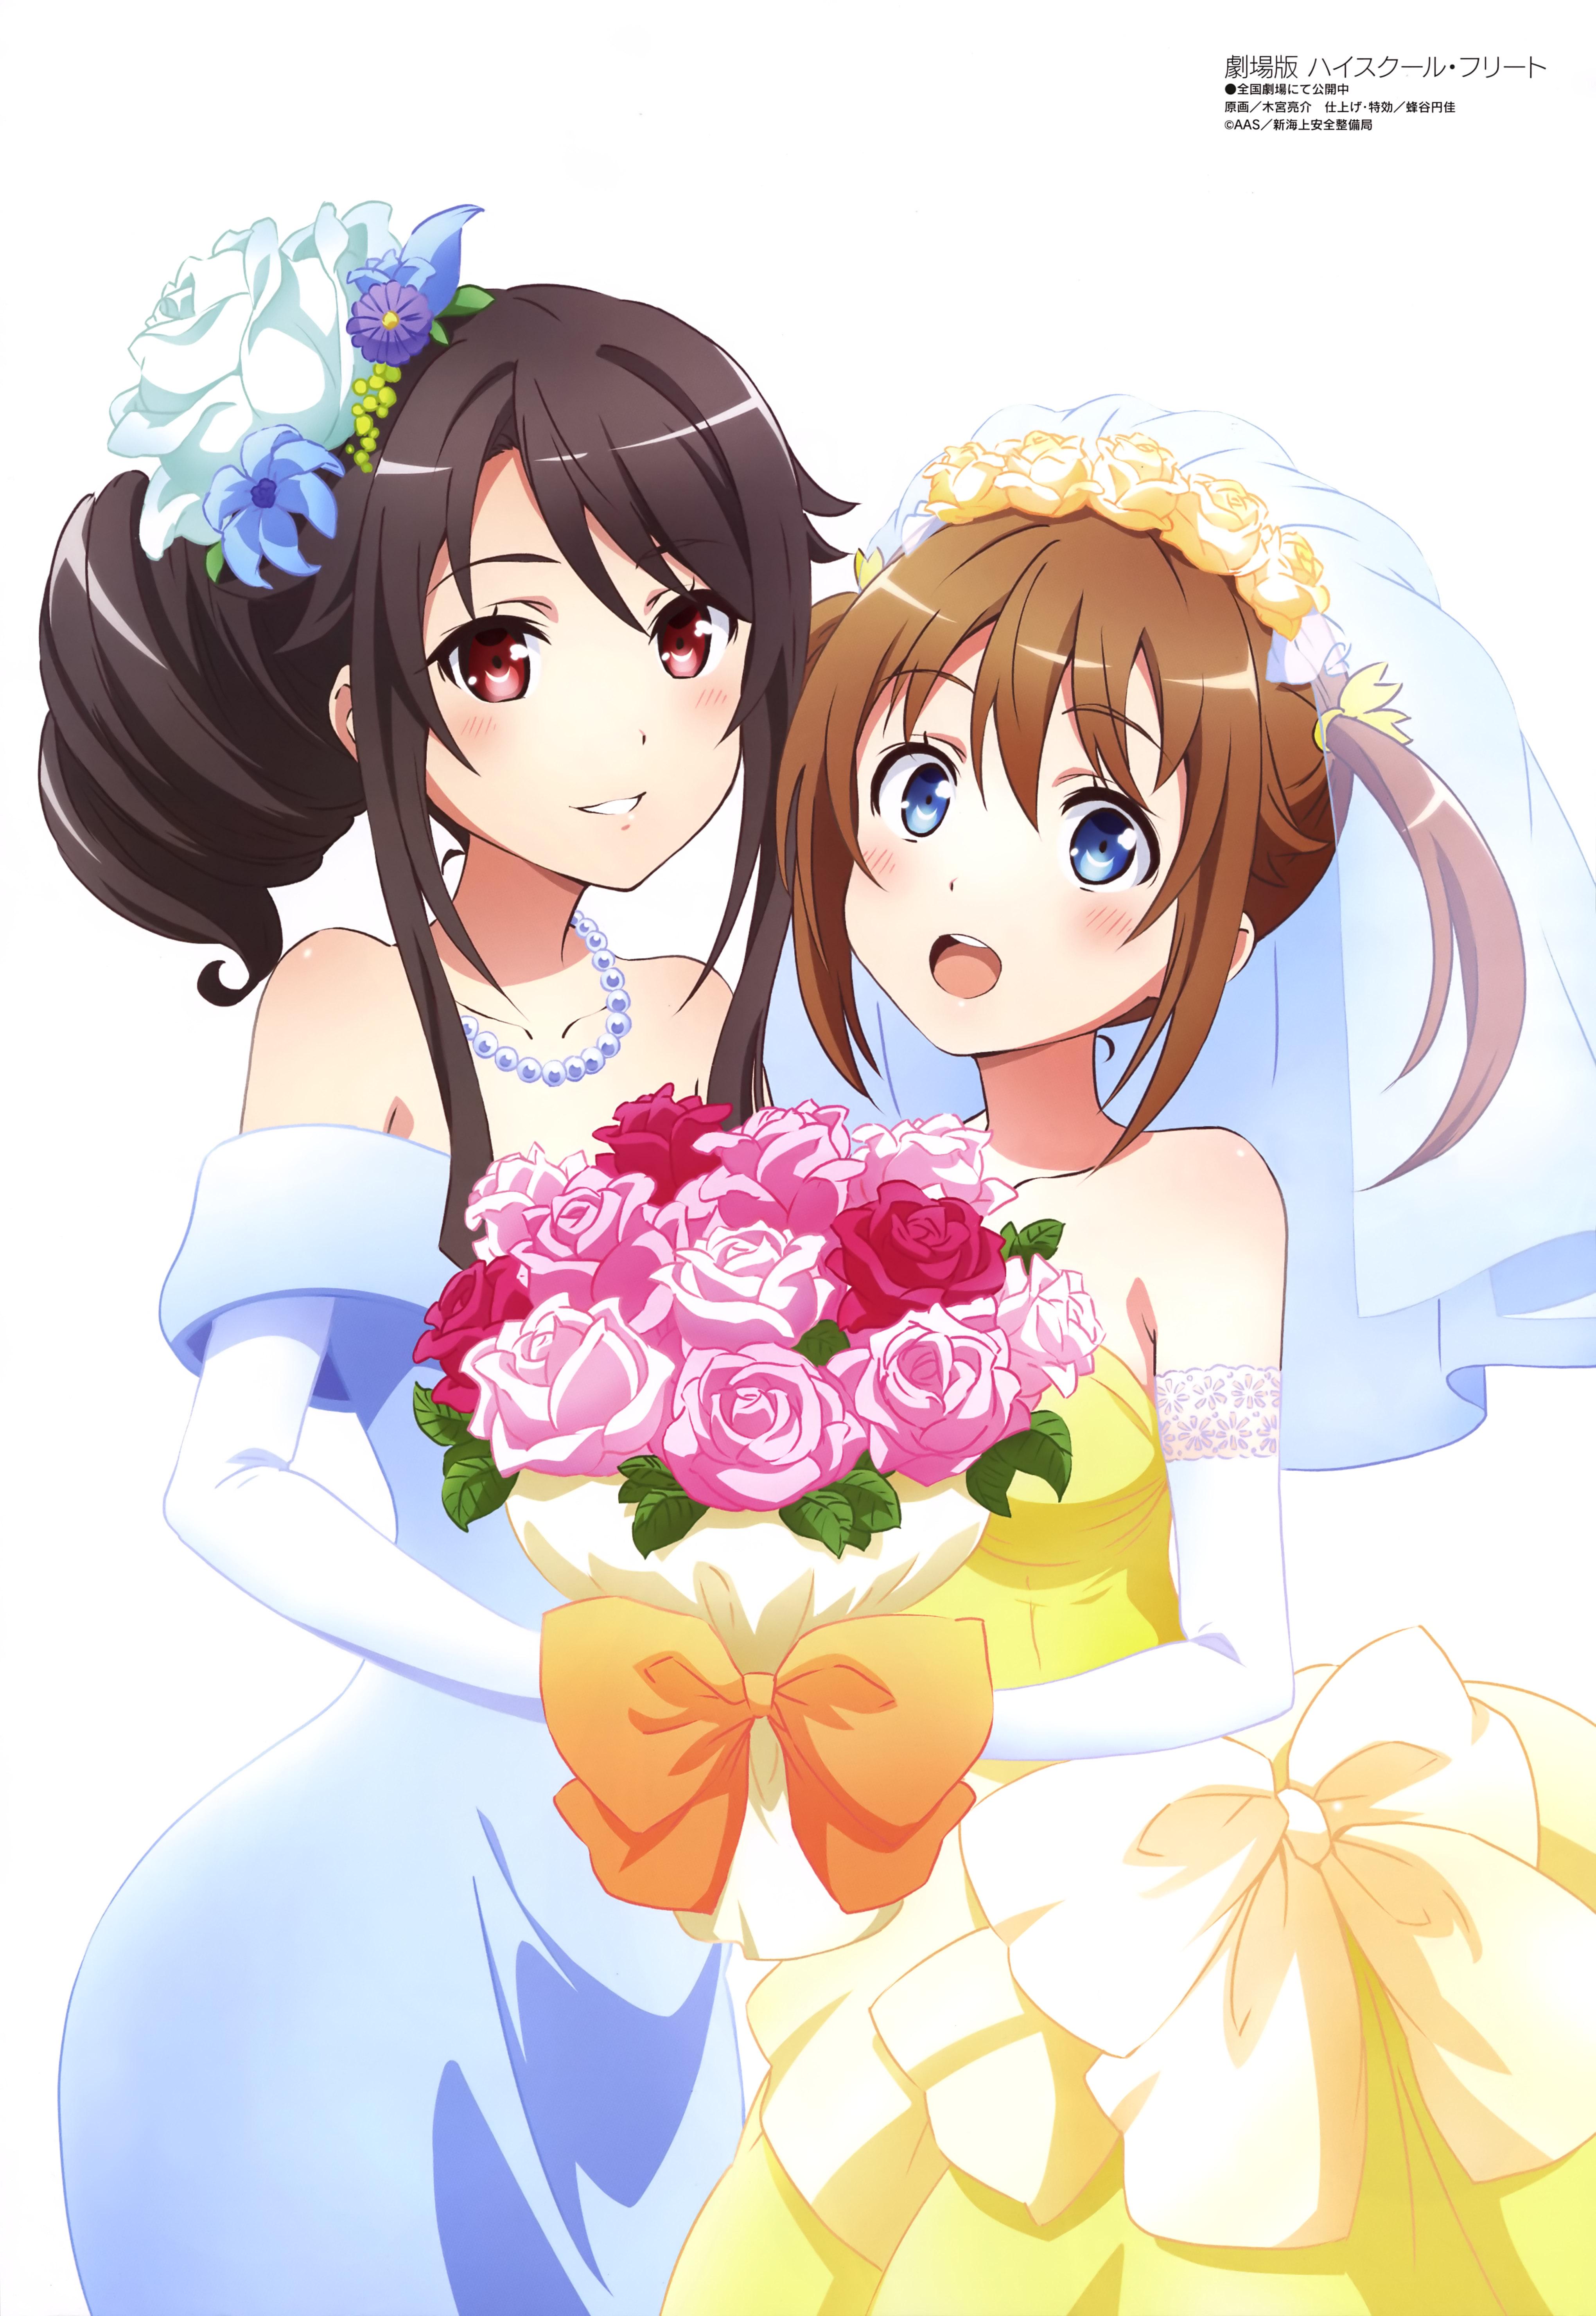 High School Fleet Image #2043554 - Zerochan Anime Image Board